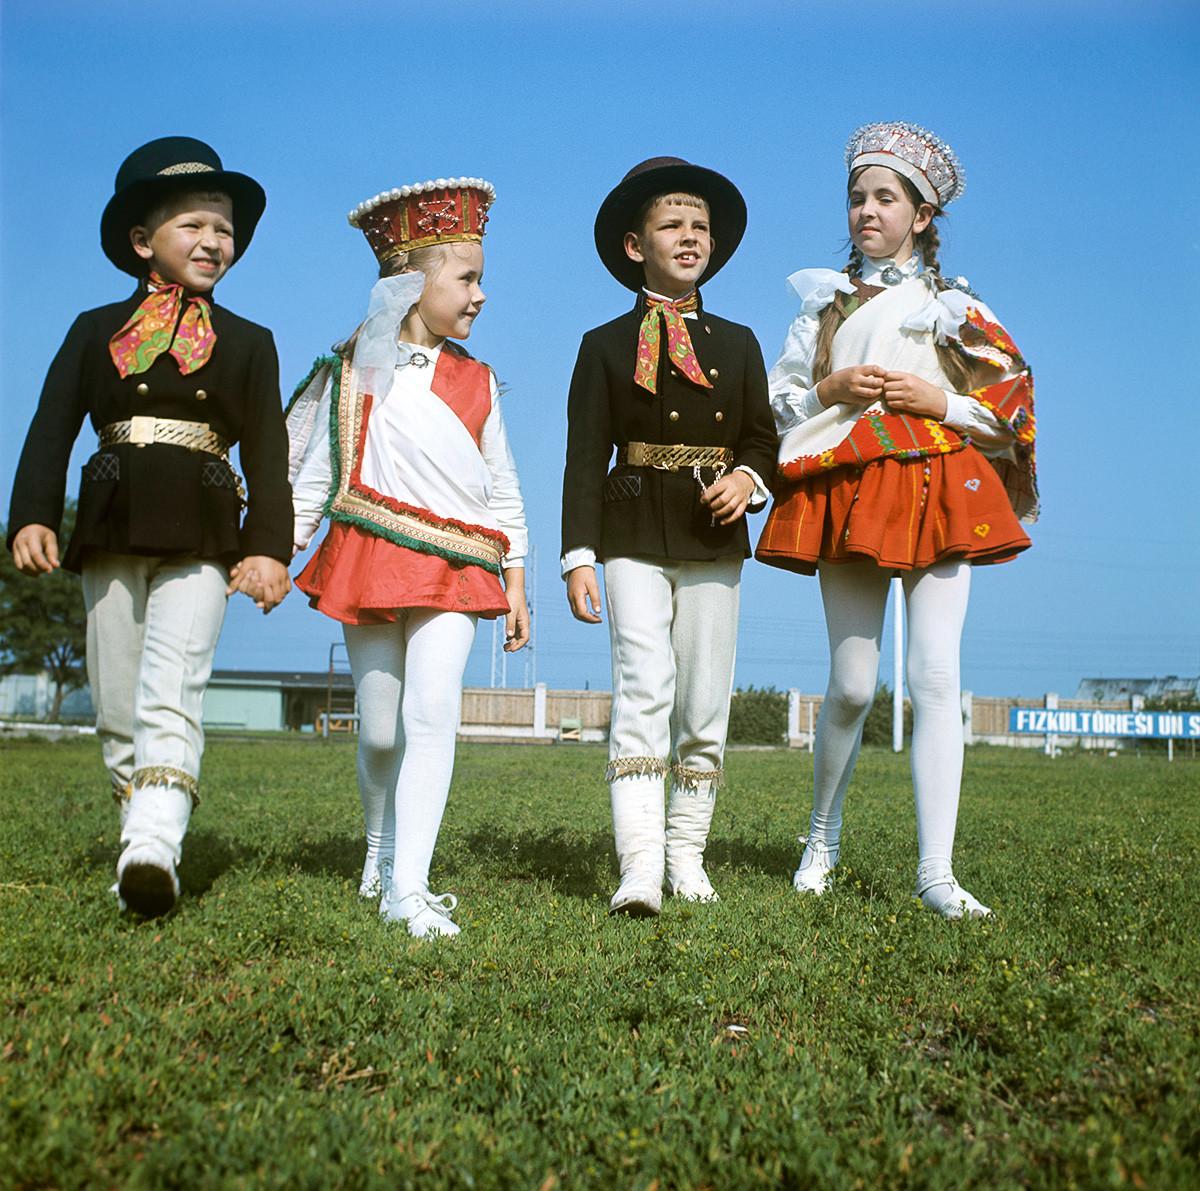 Participants d'une fête folklorique lettonne